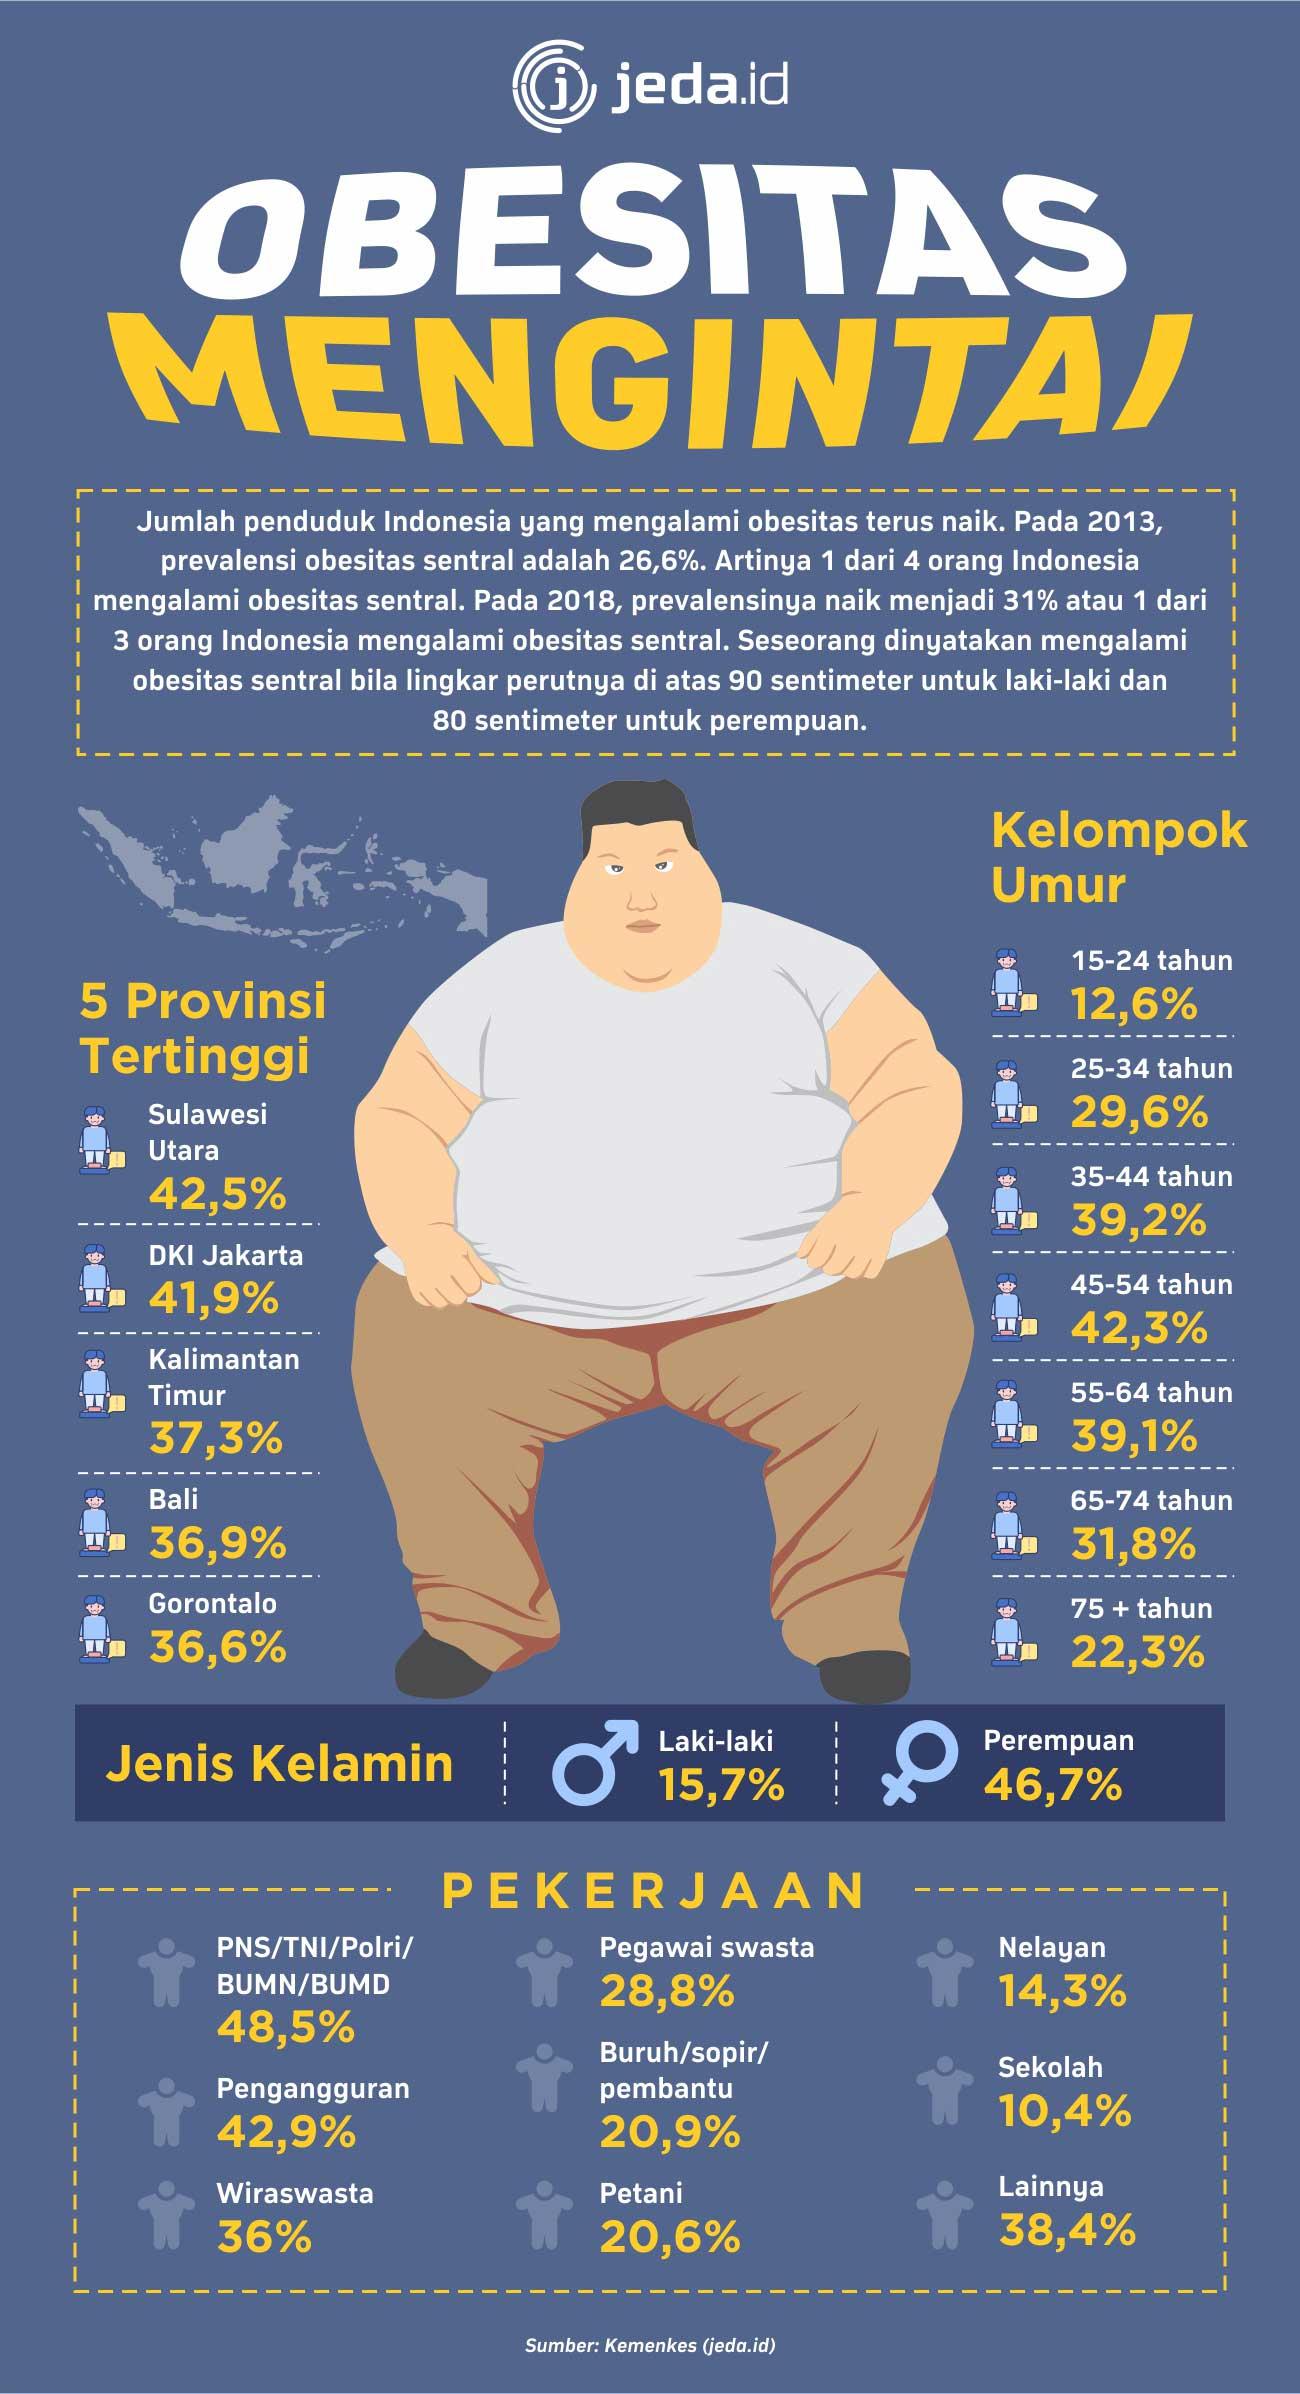 obesitas Indonesia